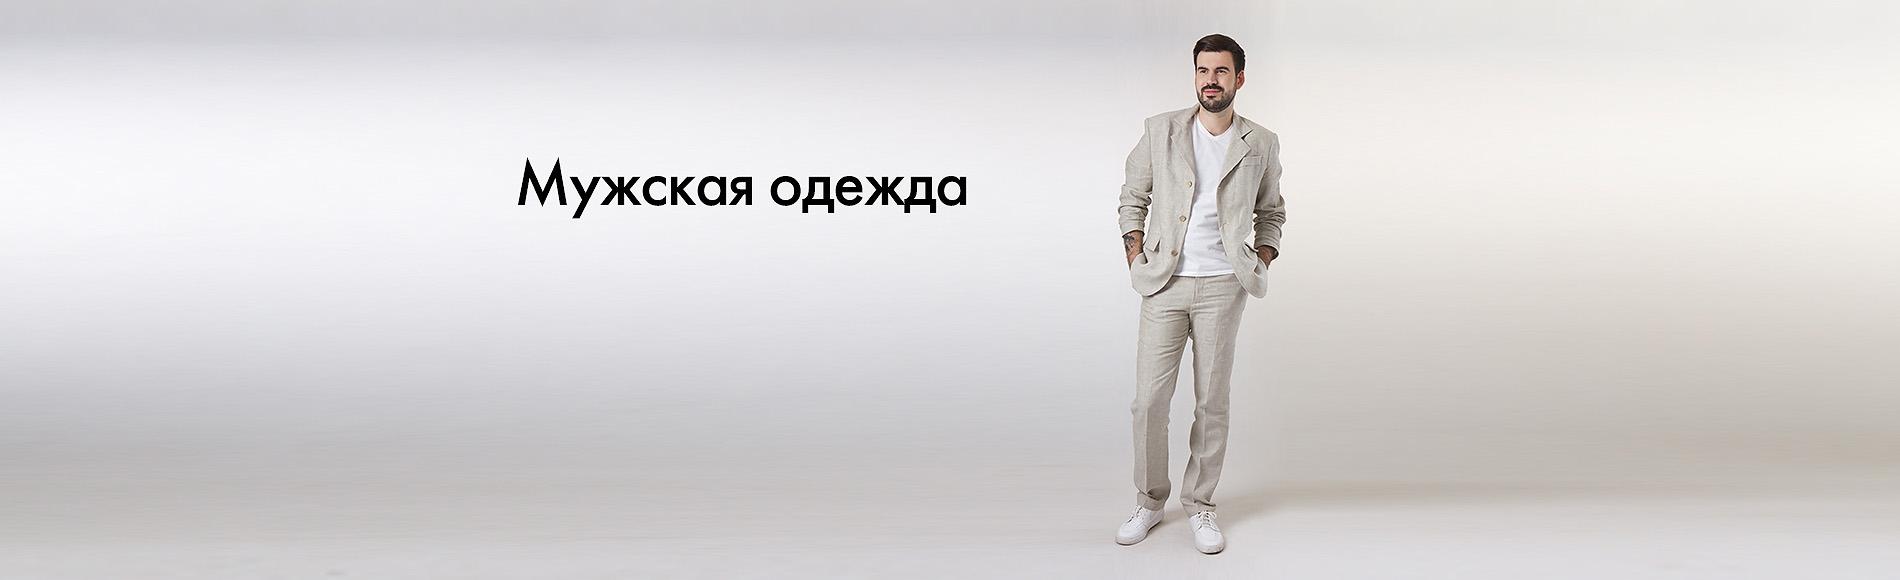 17 новая коллекция Мужская одежда